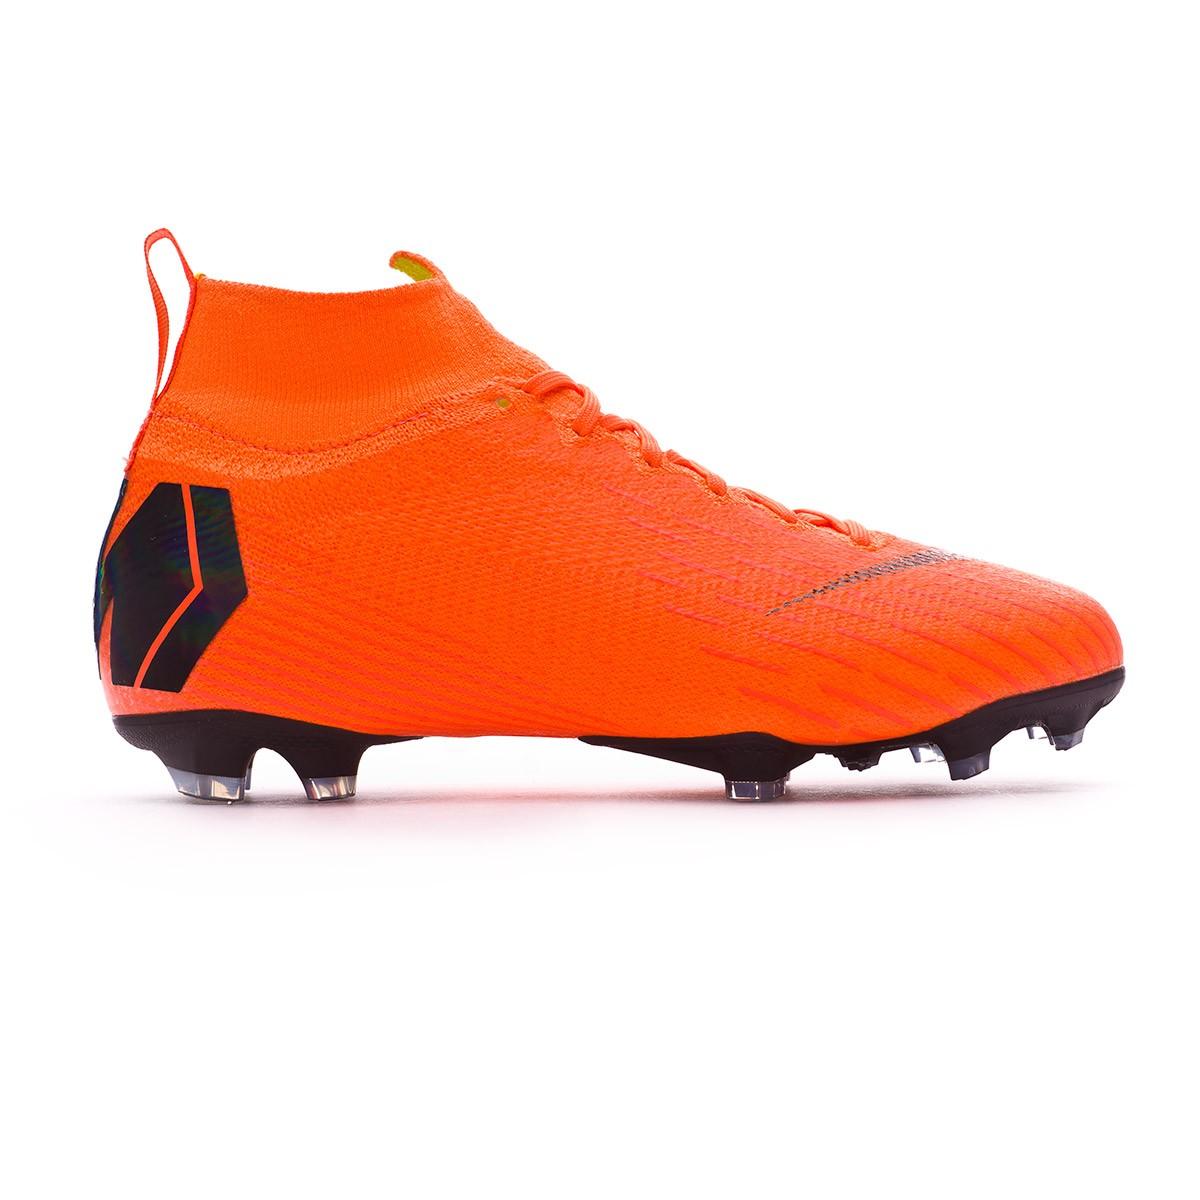 01abcf64cbb50 Chuteira Nike Mercurial Superfly VI Elite FG Crianças Total  orange-Black-Volt - Loja de futebol Fútbol Emotion